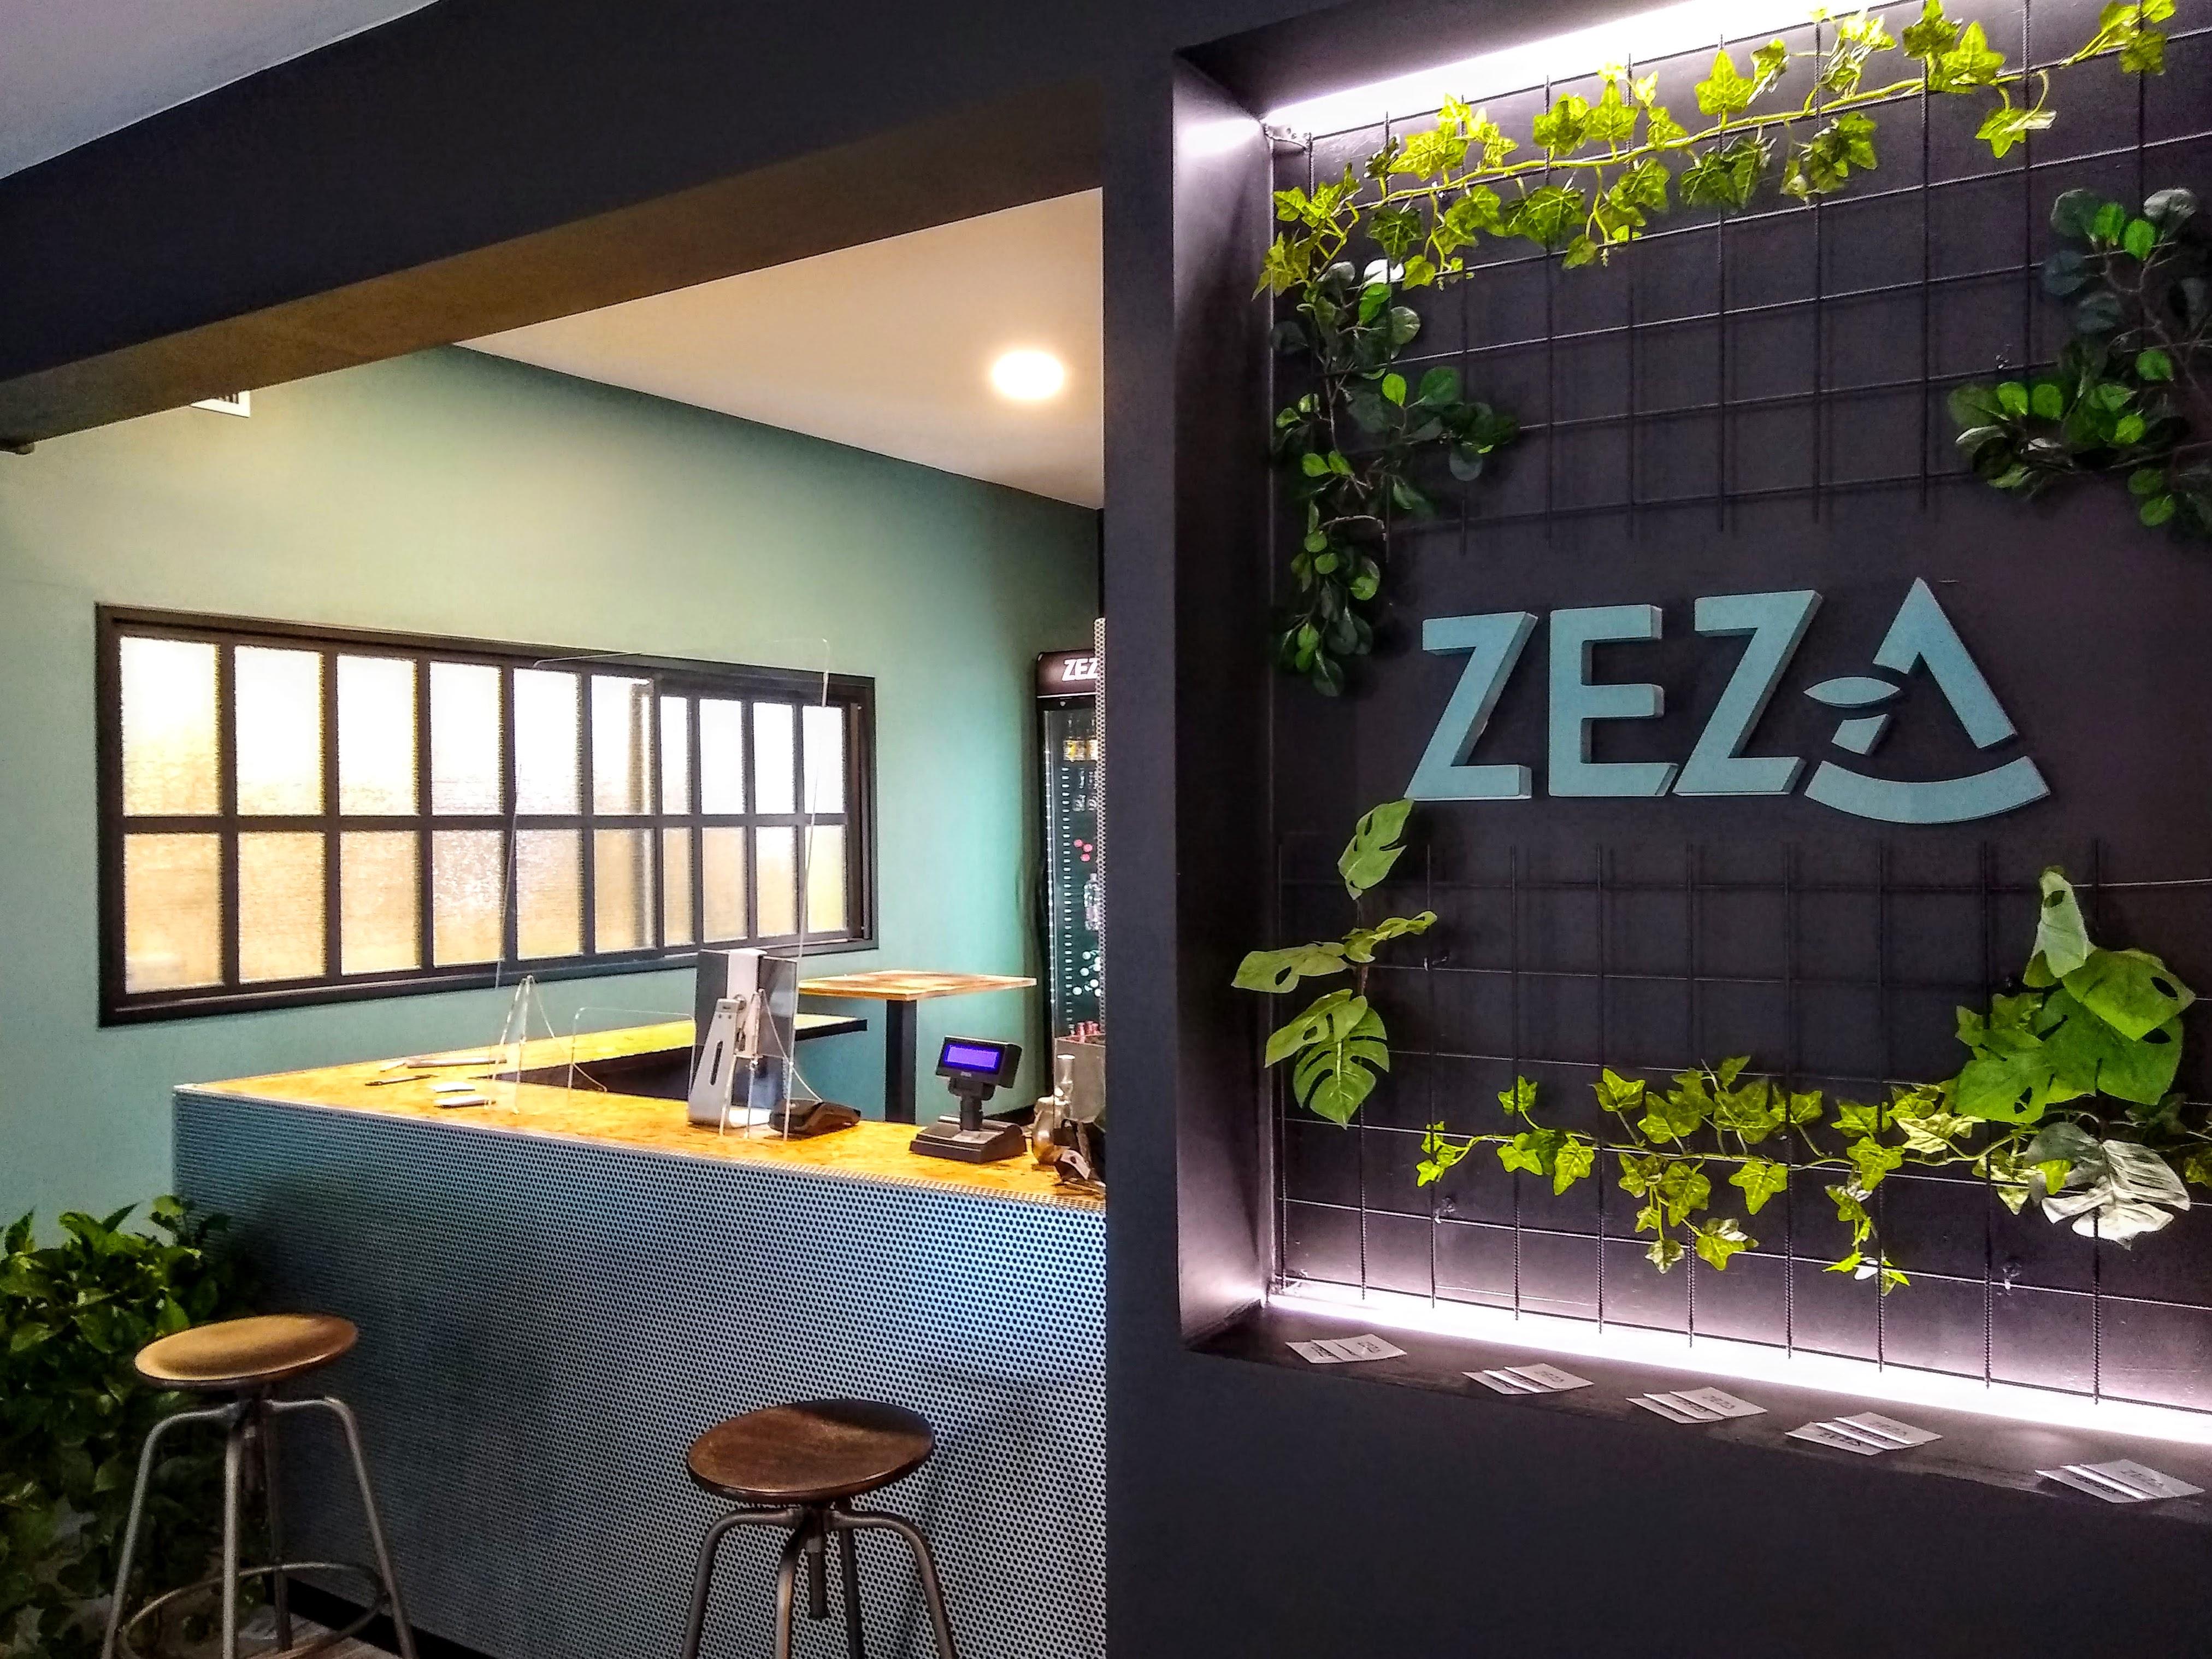 Pizzeria Zeza Valmontone